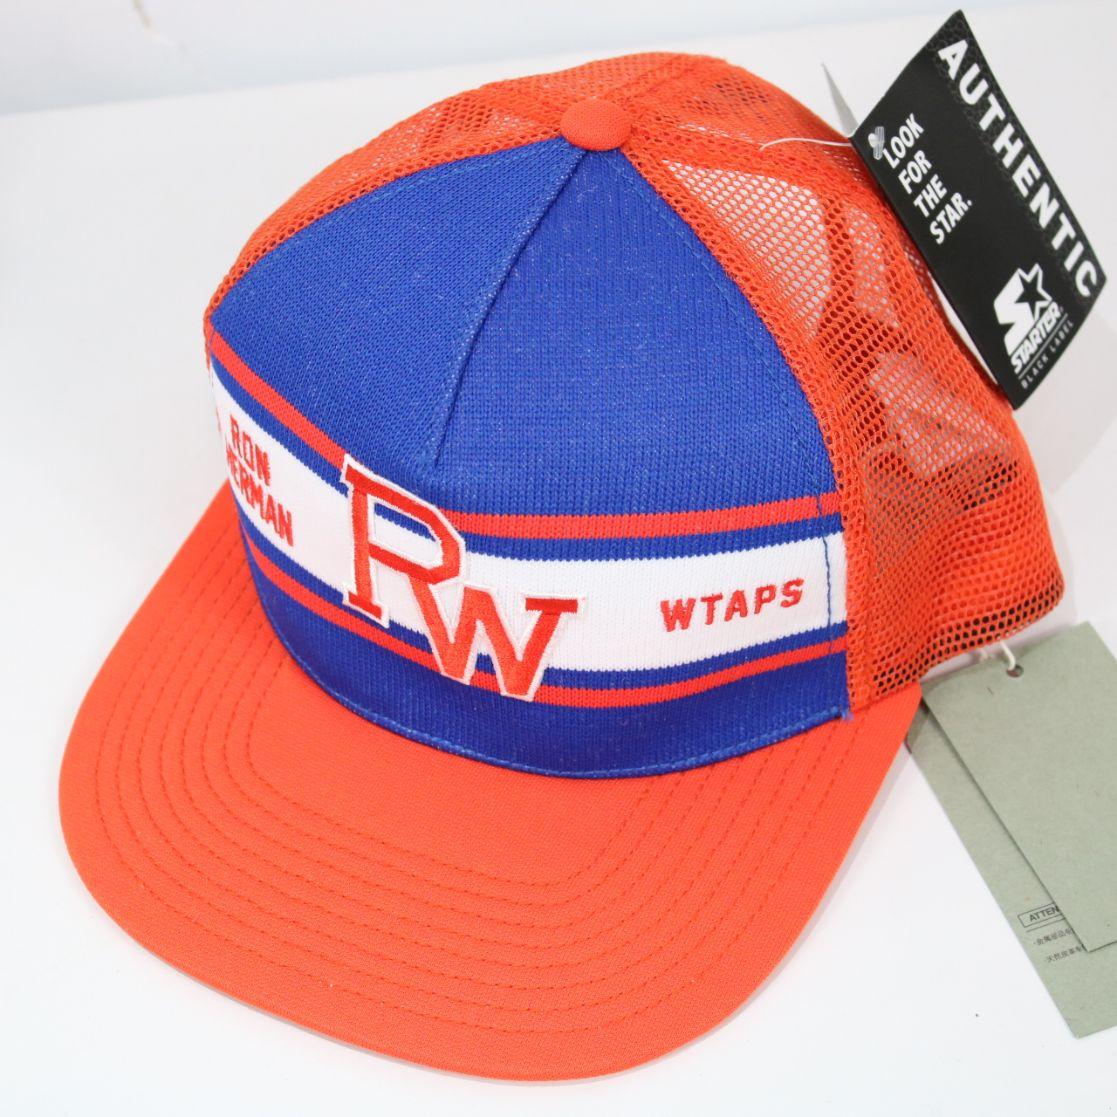 【新品】WTAPS / ダブルタップス | Ron Herman×STARTER ロゴ刺繍メッシュキャップ | F | オレンジ×ネイビー